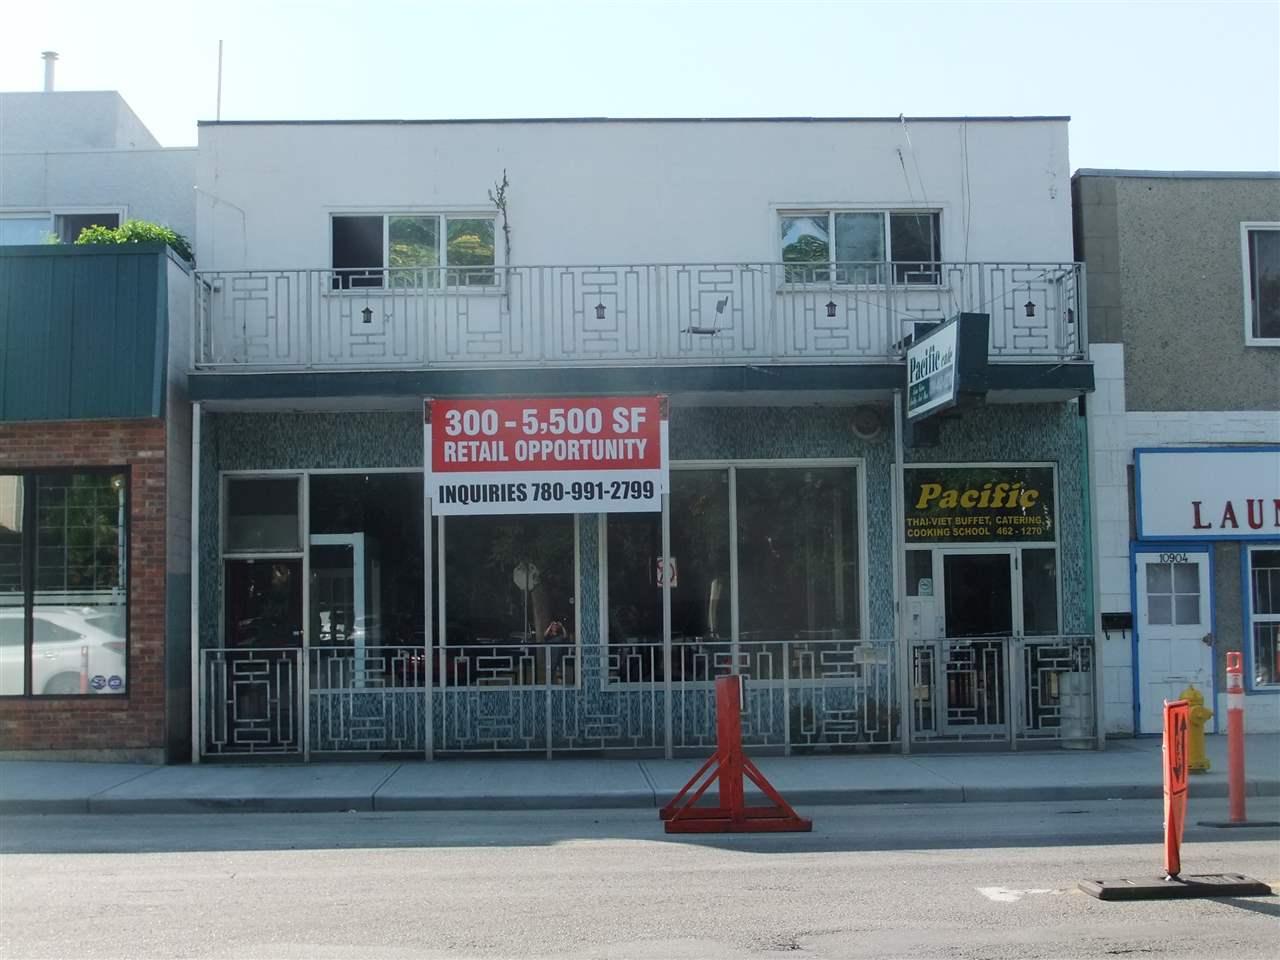 10874-76-78 97 Street, at $624,900